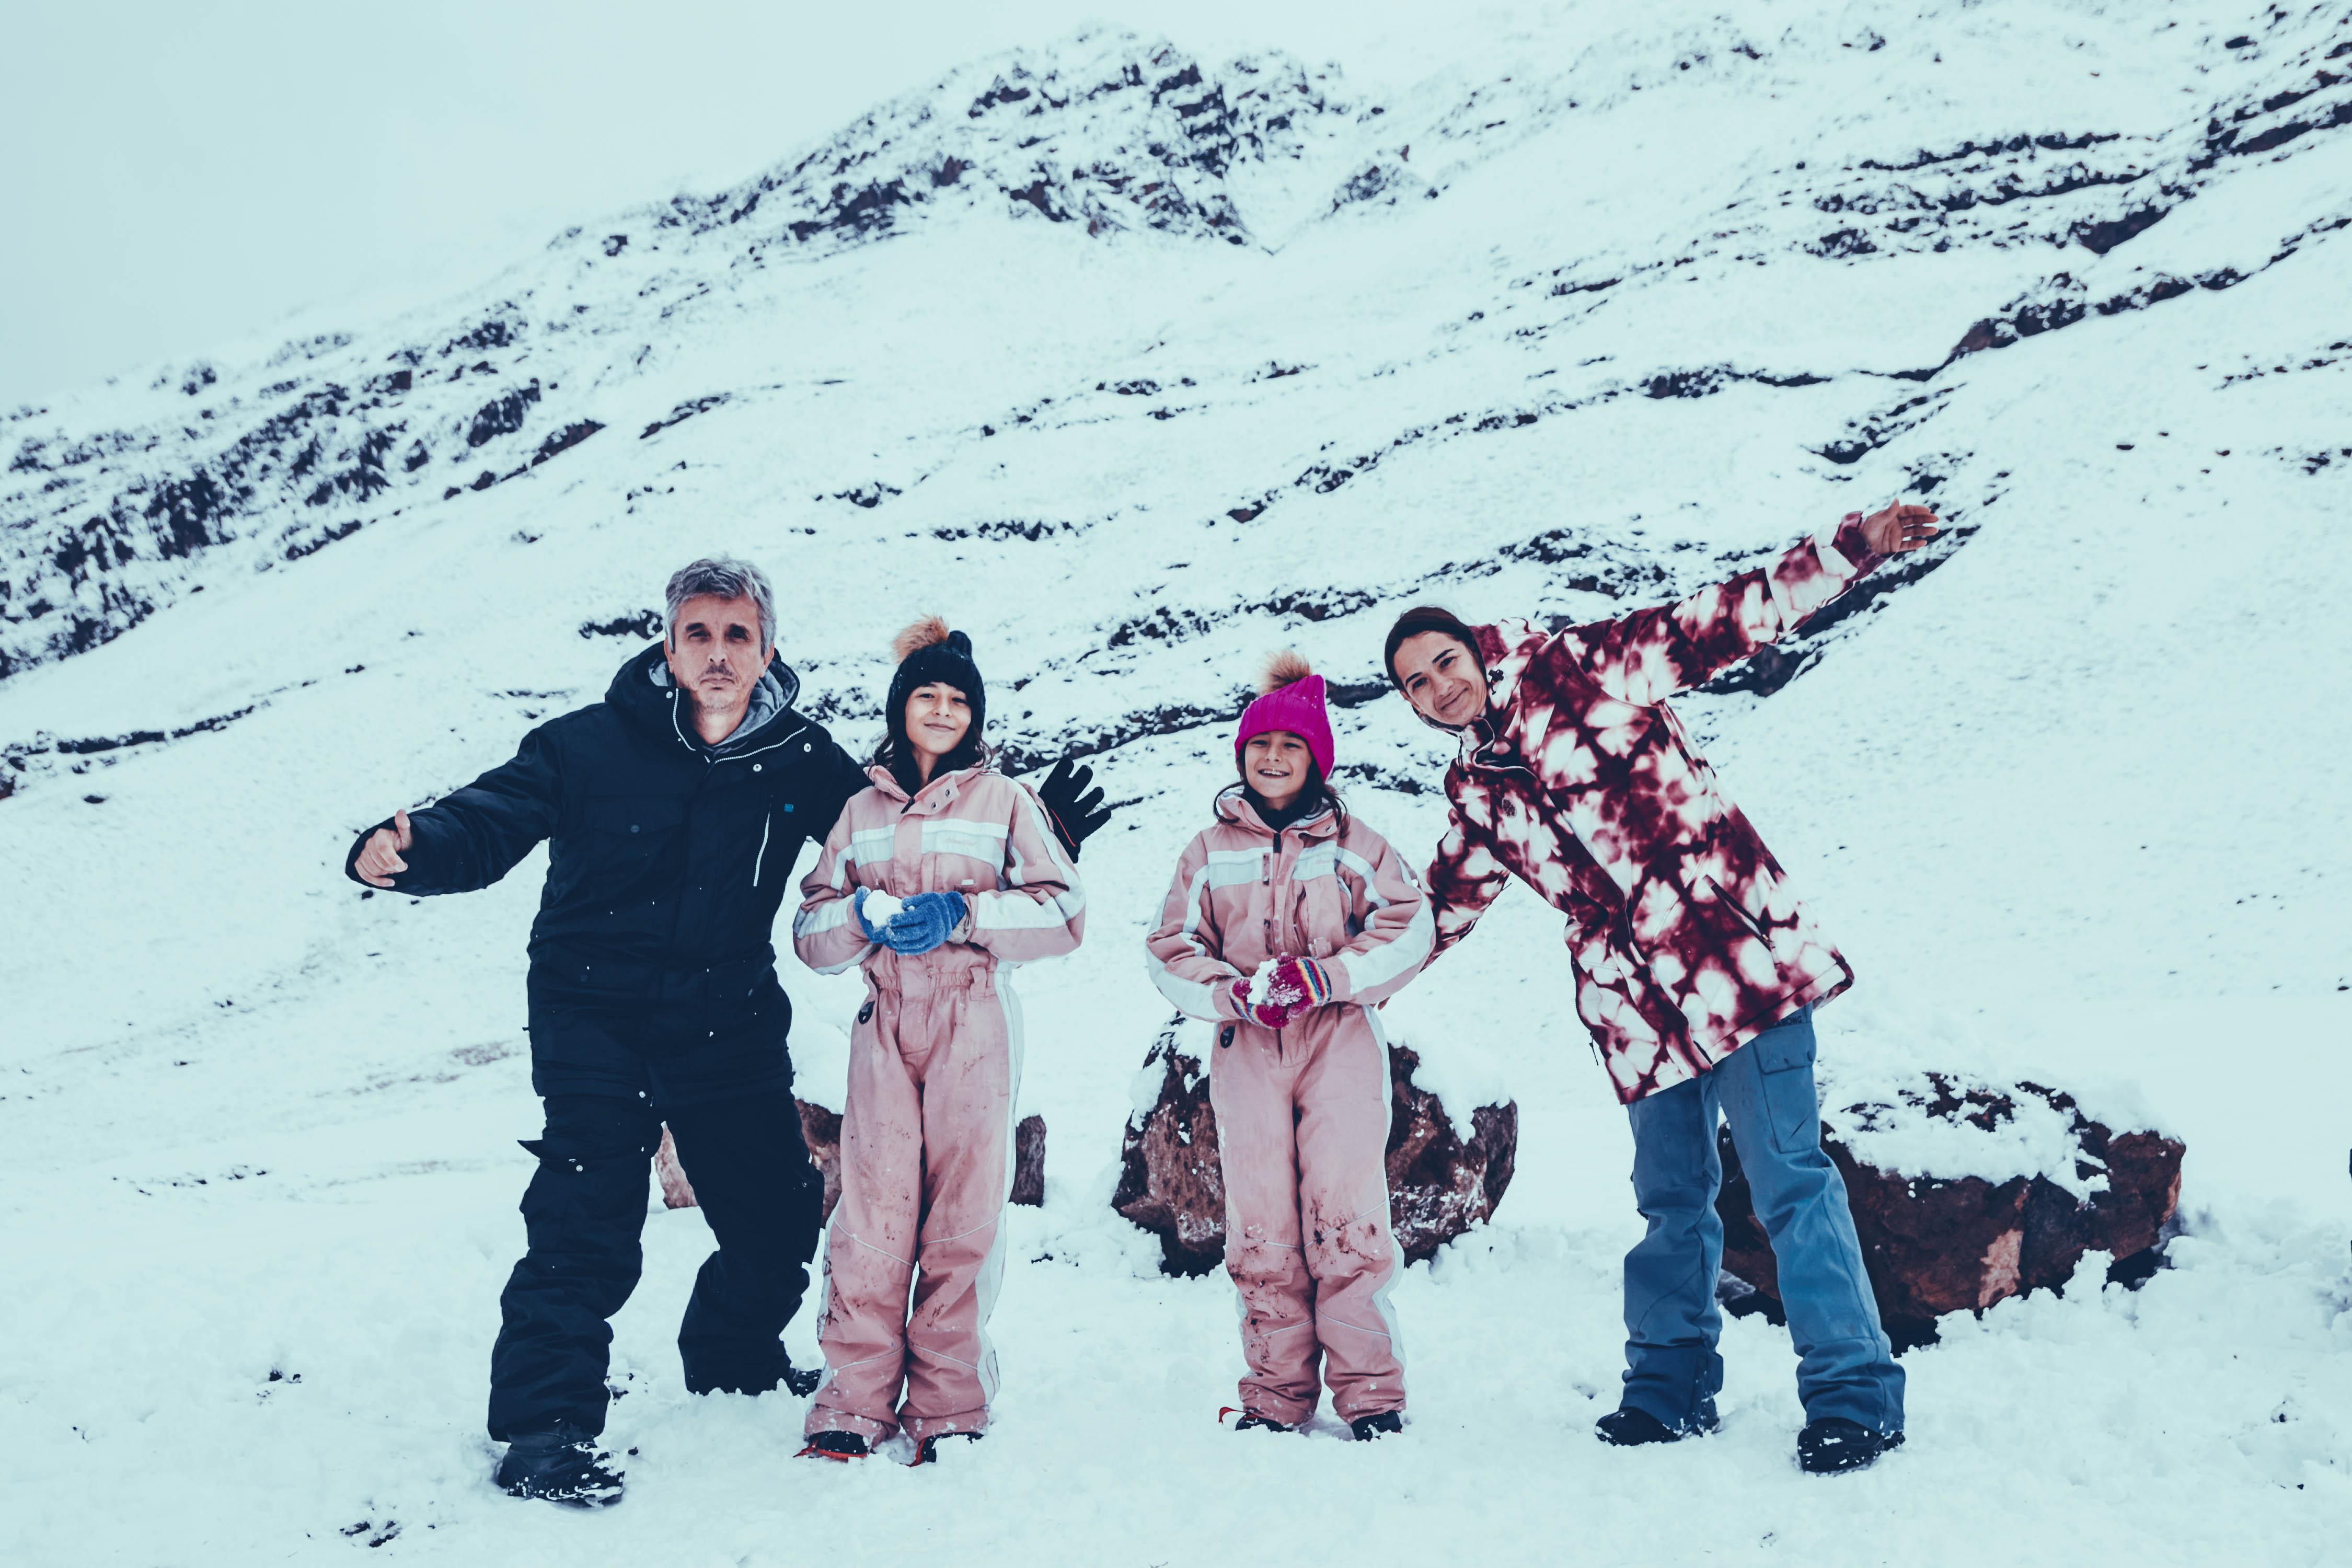 Família com roupas de neve no Valle nevado em Santiago do Chile